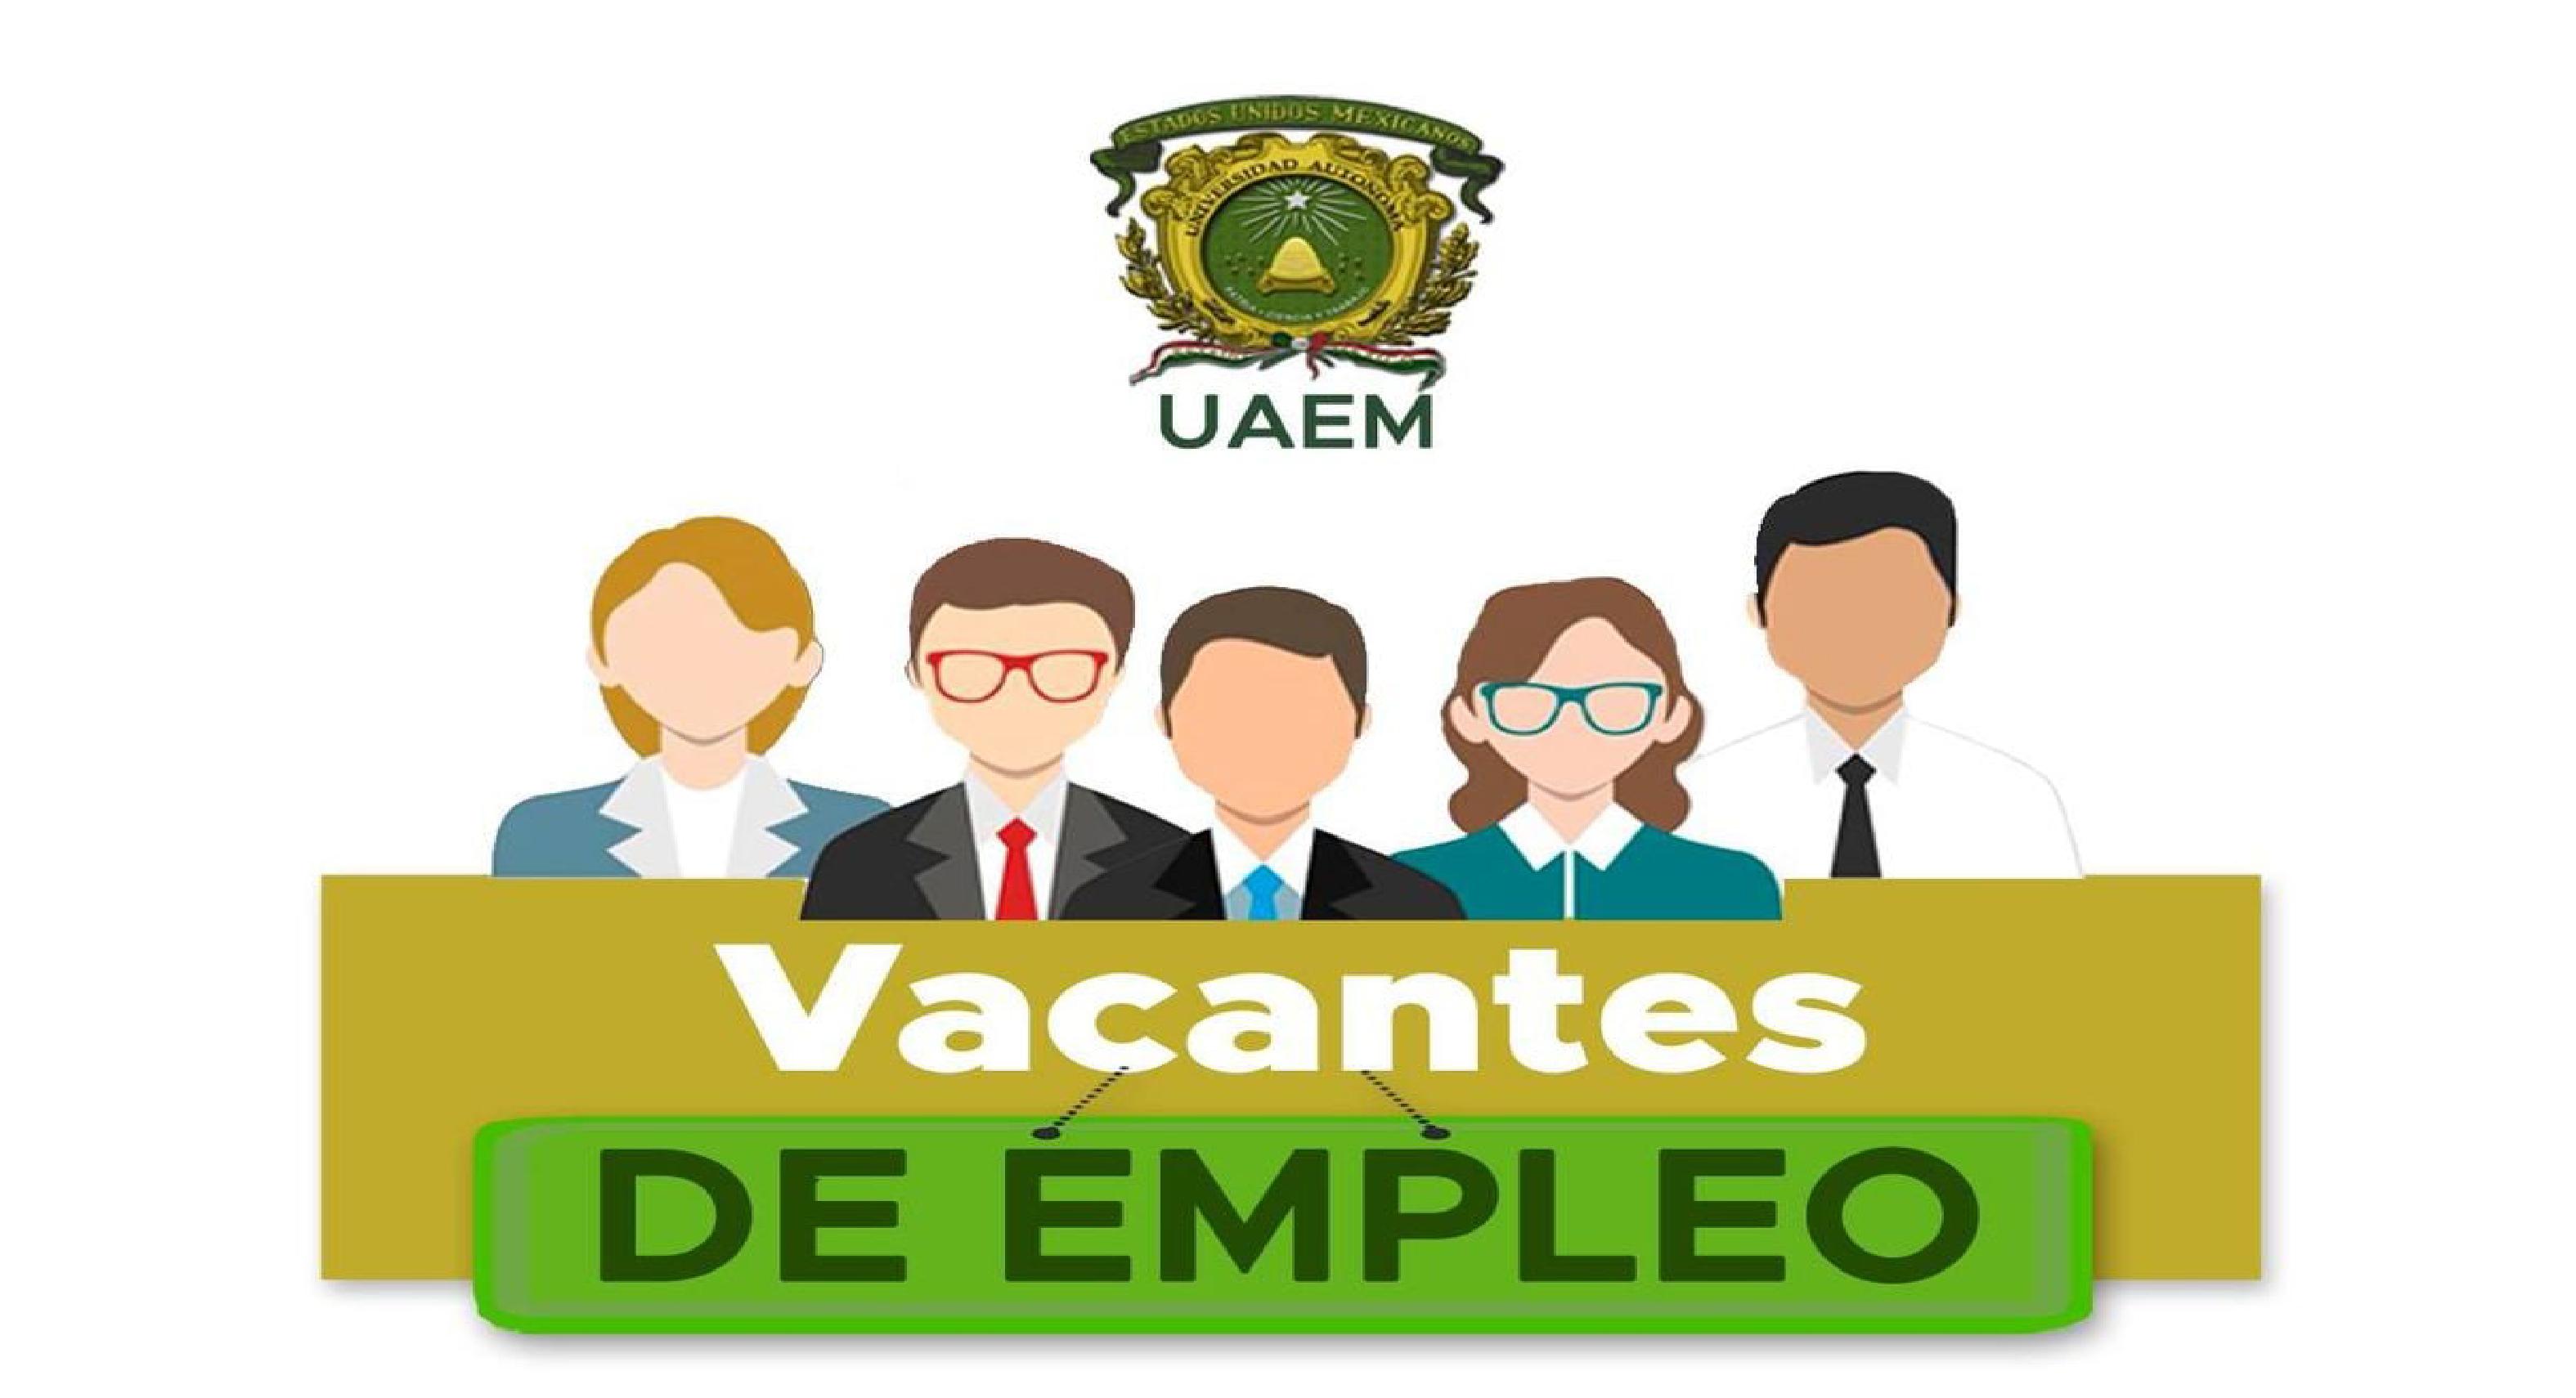 UAEMex ofrece nuevas vacantes de empleo 4